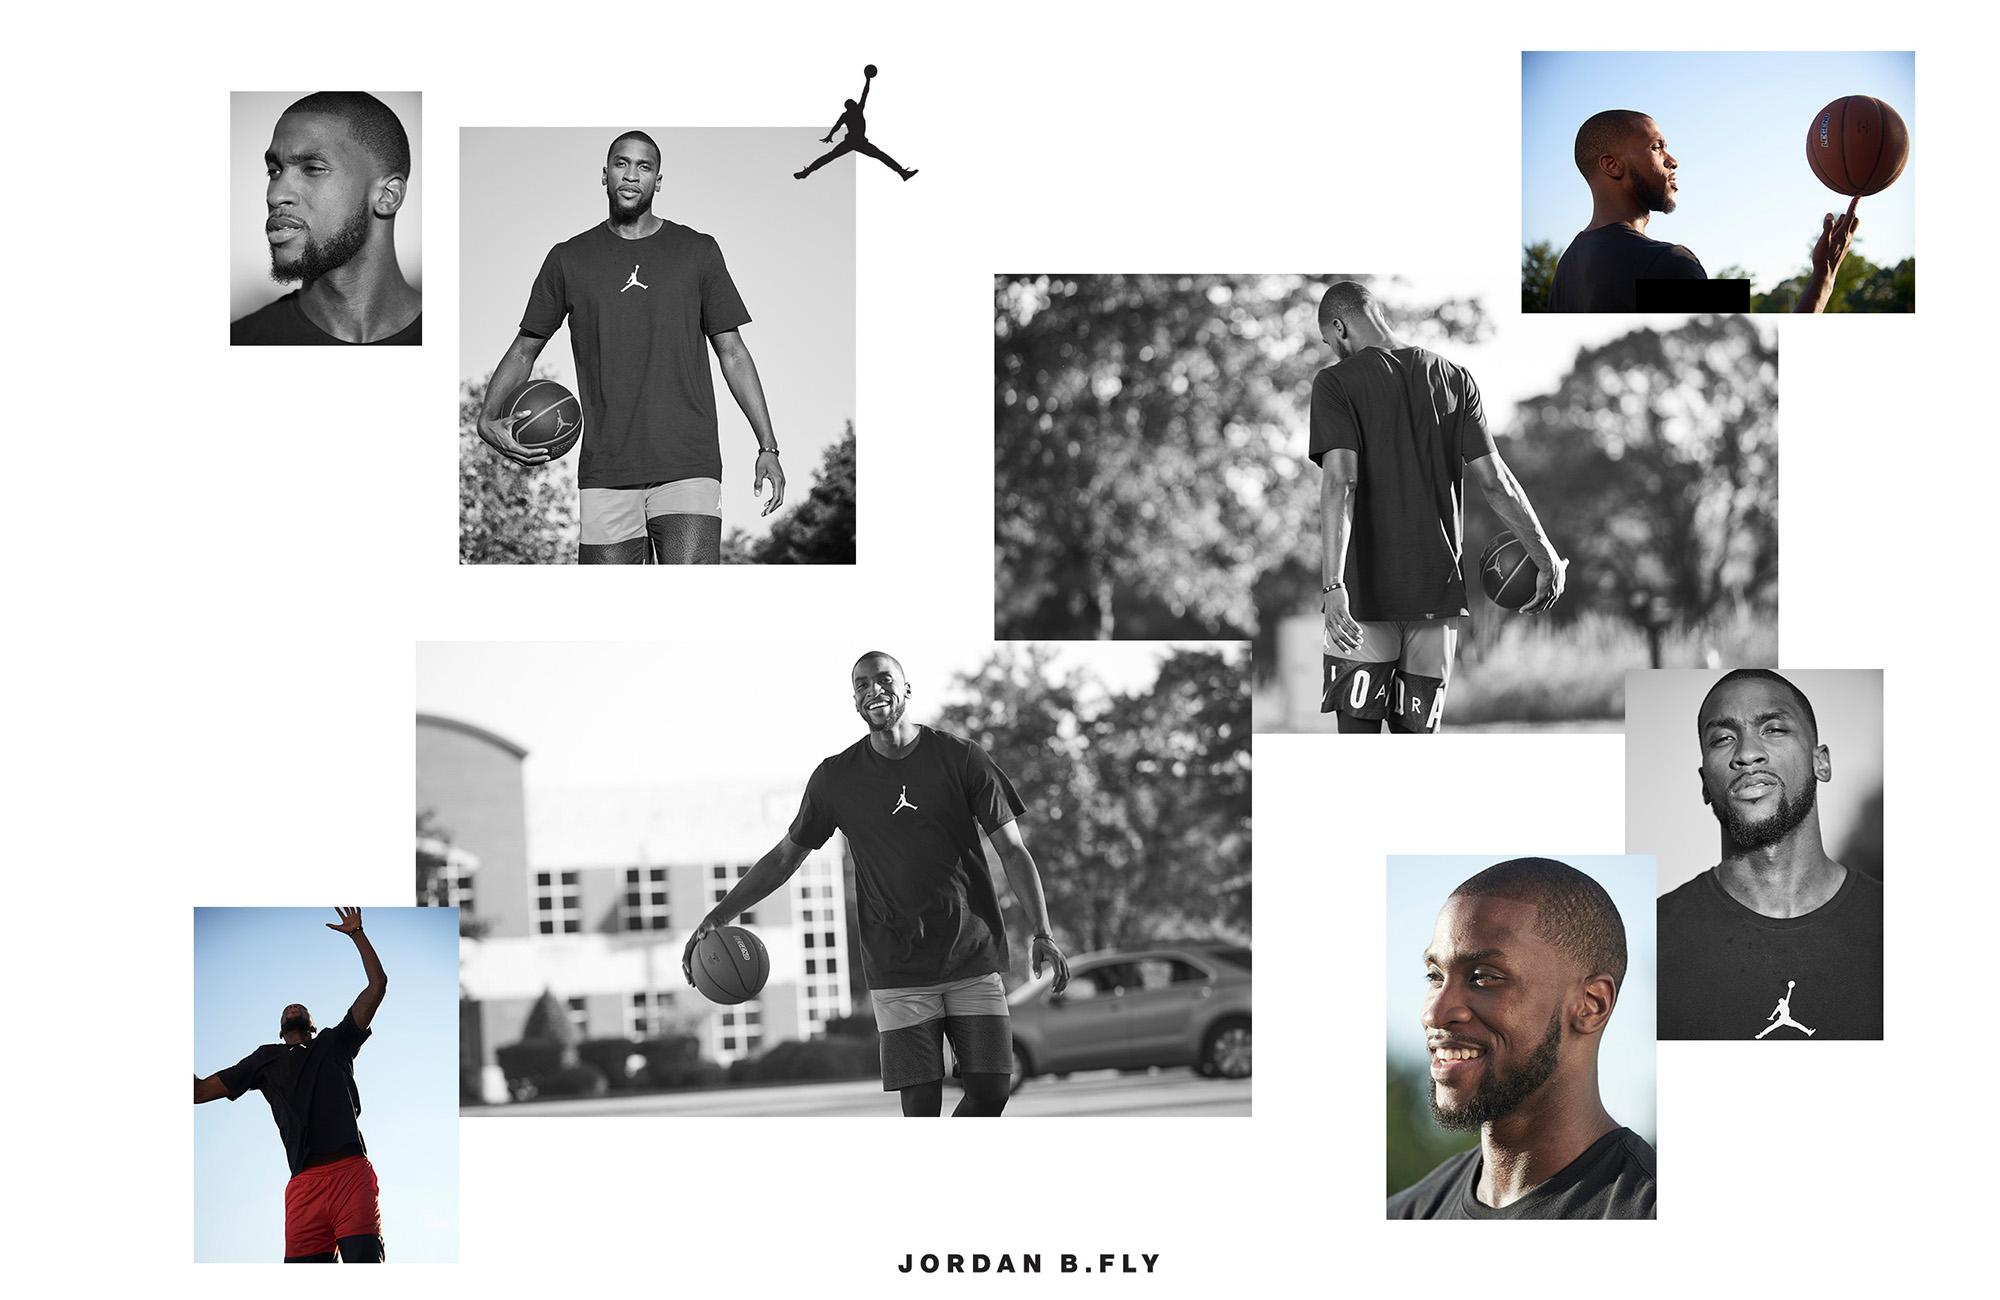 Nike Jordan B-Fly - 2 of 2